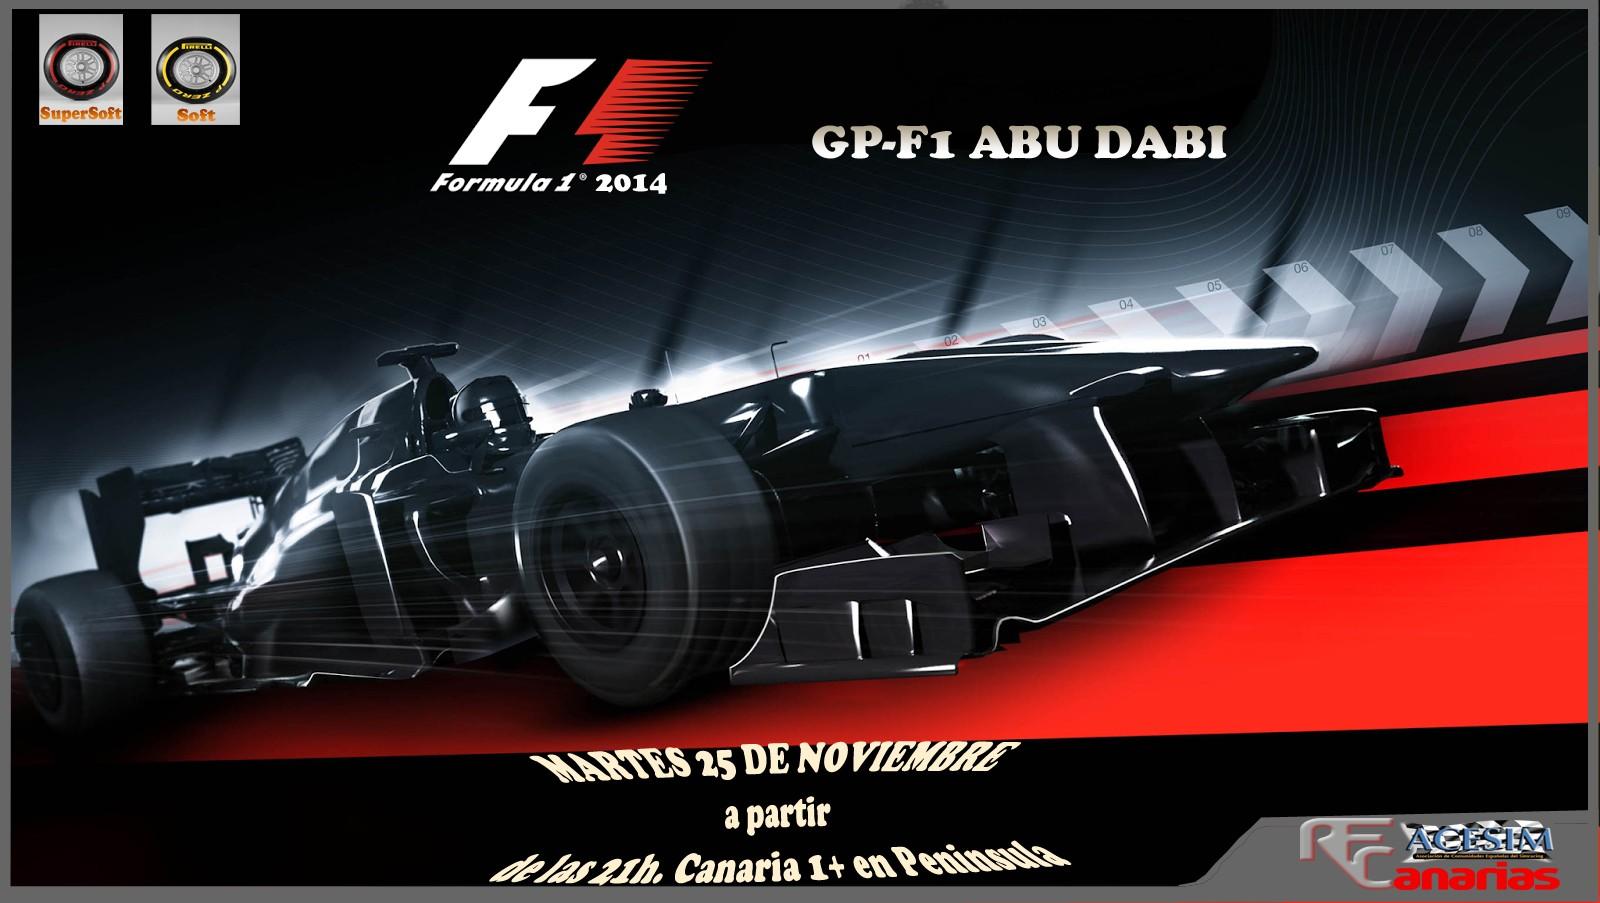 PRESENTACION GP F1-2014 ABU DABI Presen10